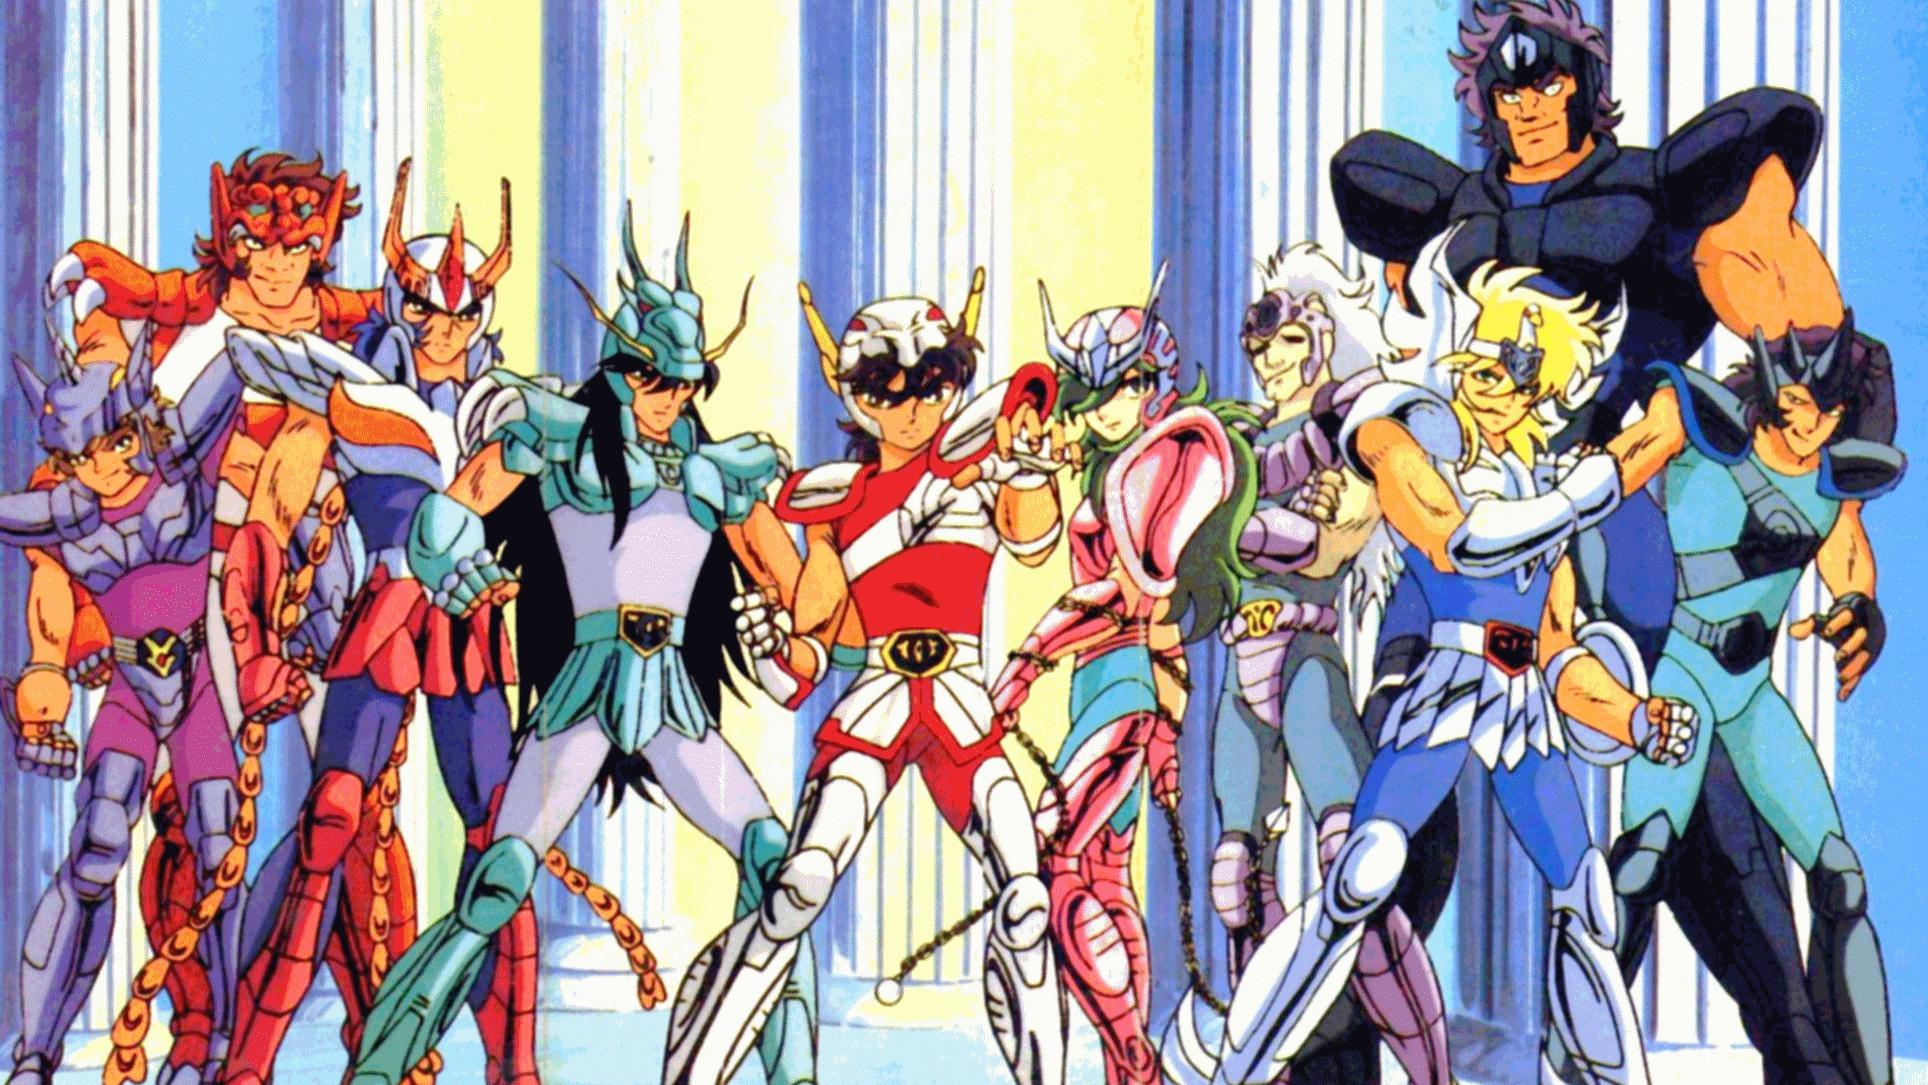 Os 5 melhores animes dos anos 90 – os desenhos que fazem sucesso até hoje